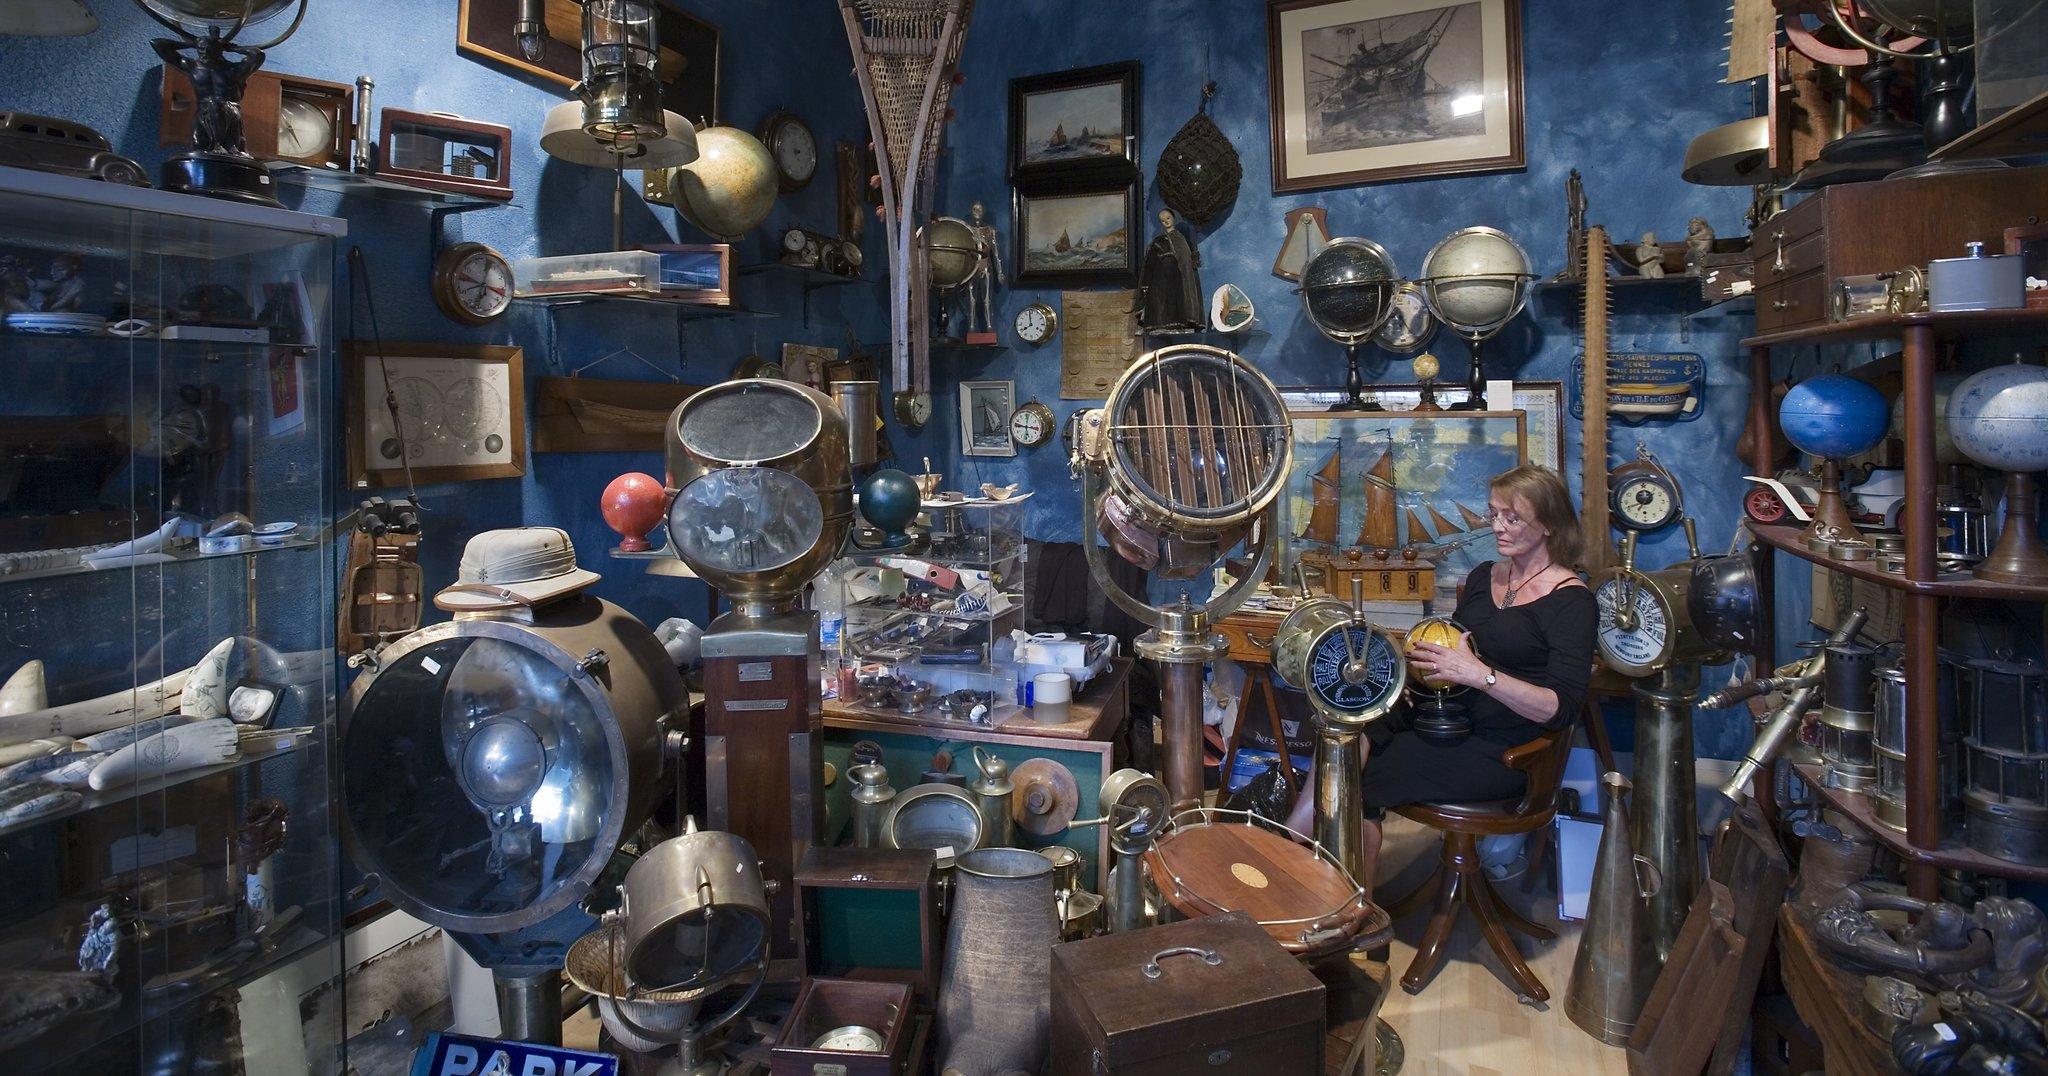 Królestwo przedmiotów - wparyskim sklepie ze starociami Królestwo przedmiotów - wparyskim sklepie ze starociami Źródło: Jorge Royan, licencja: CC BY-SA 3.0.